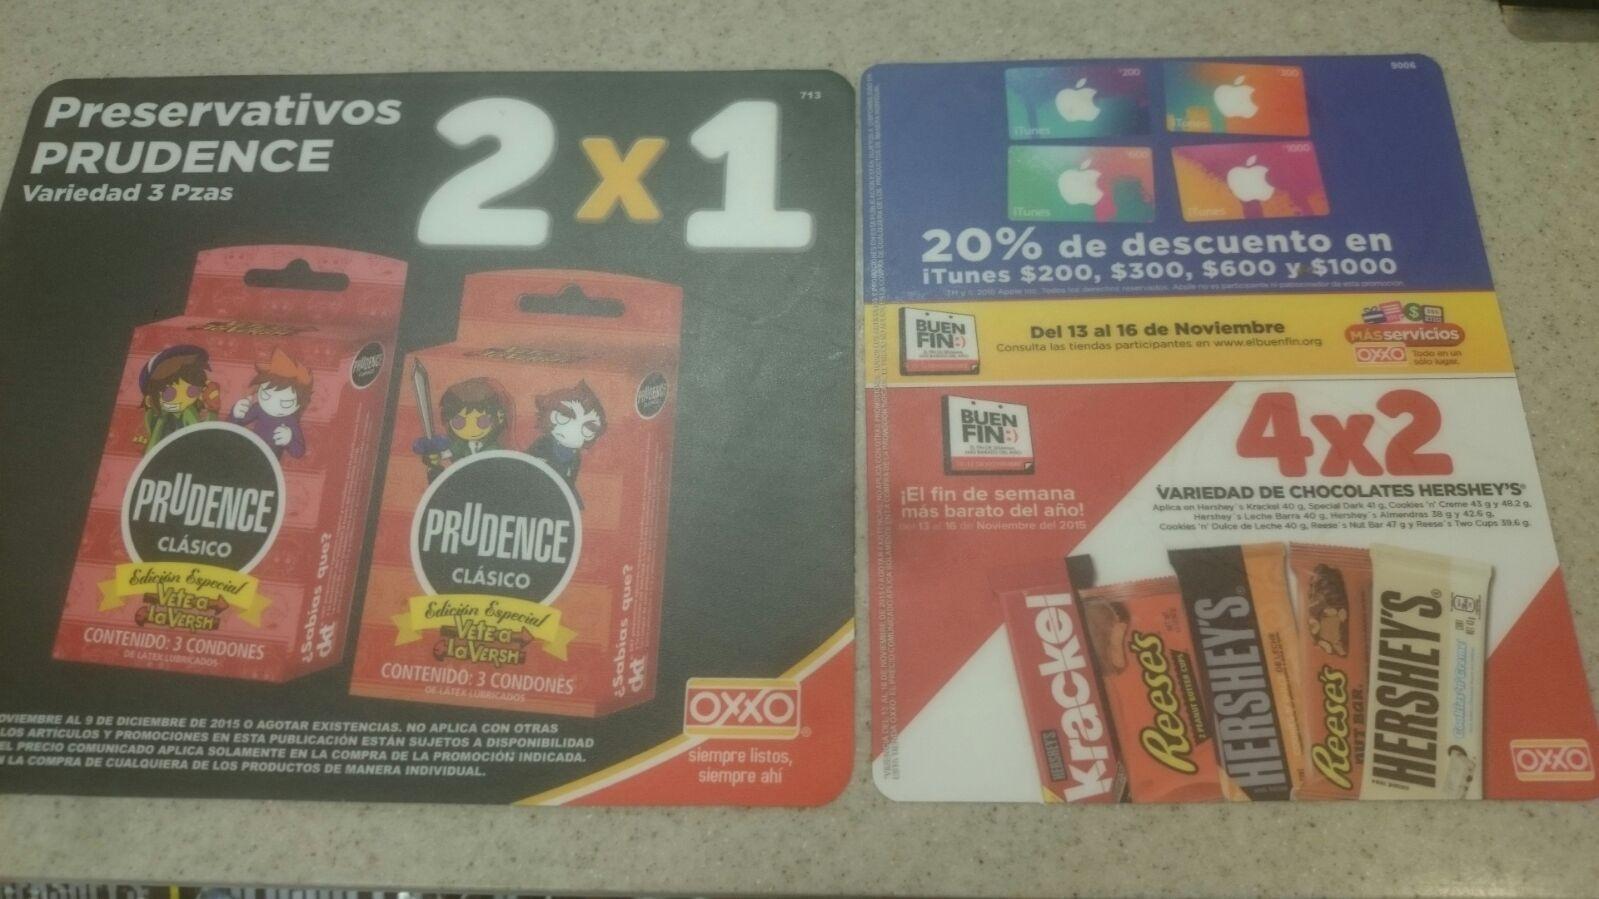 Oxxo: 2x1 Condones Prudence edición limitada.